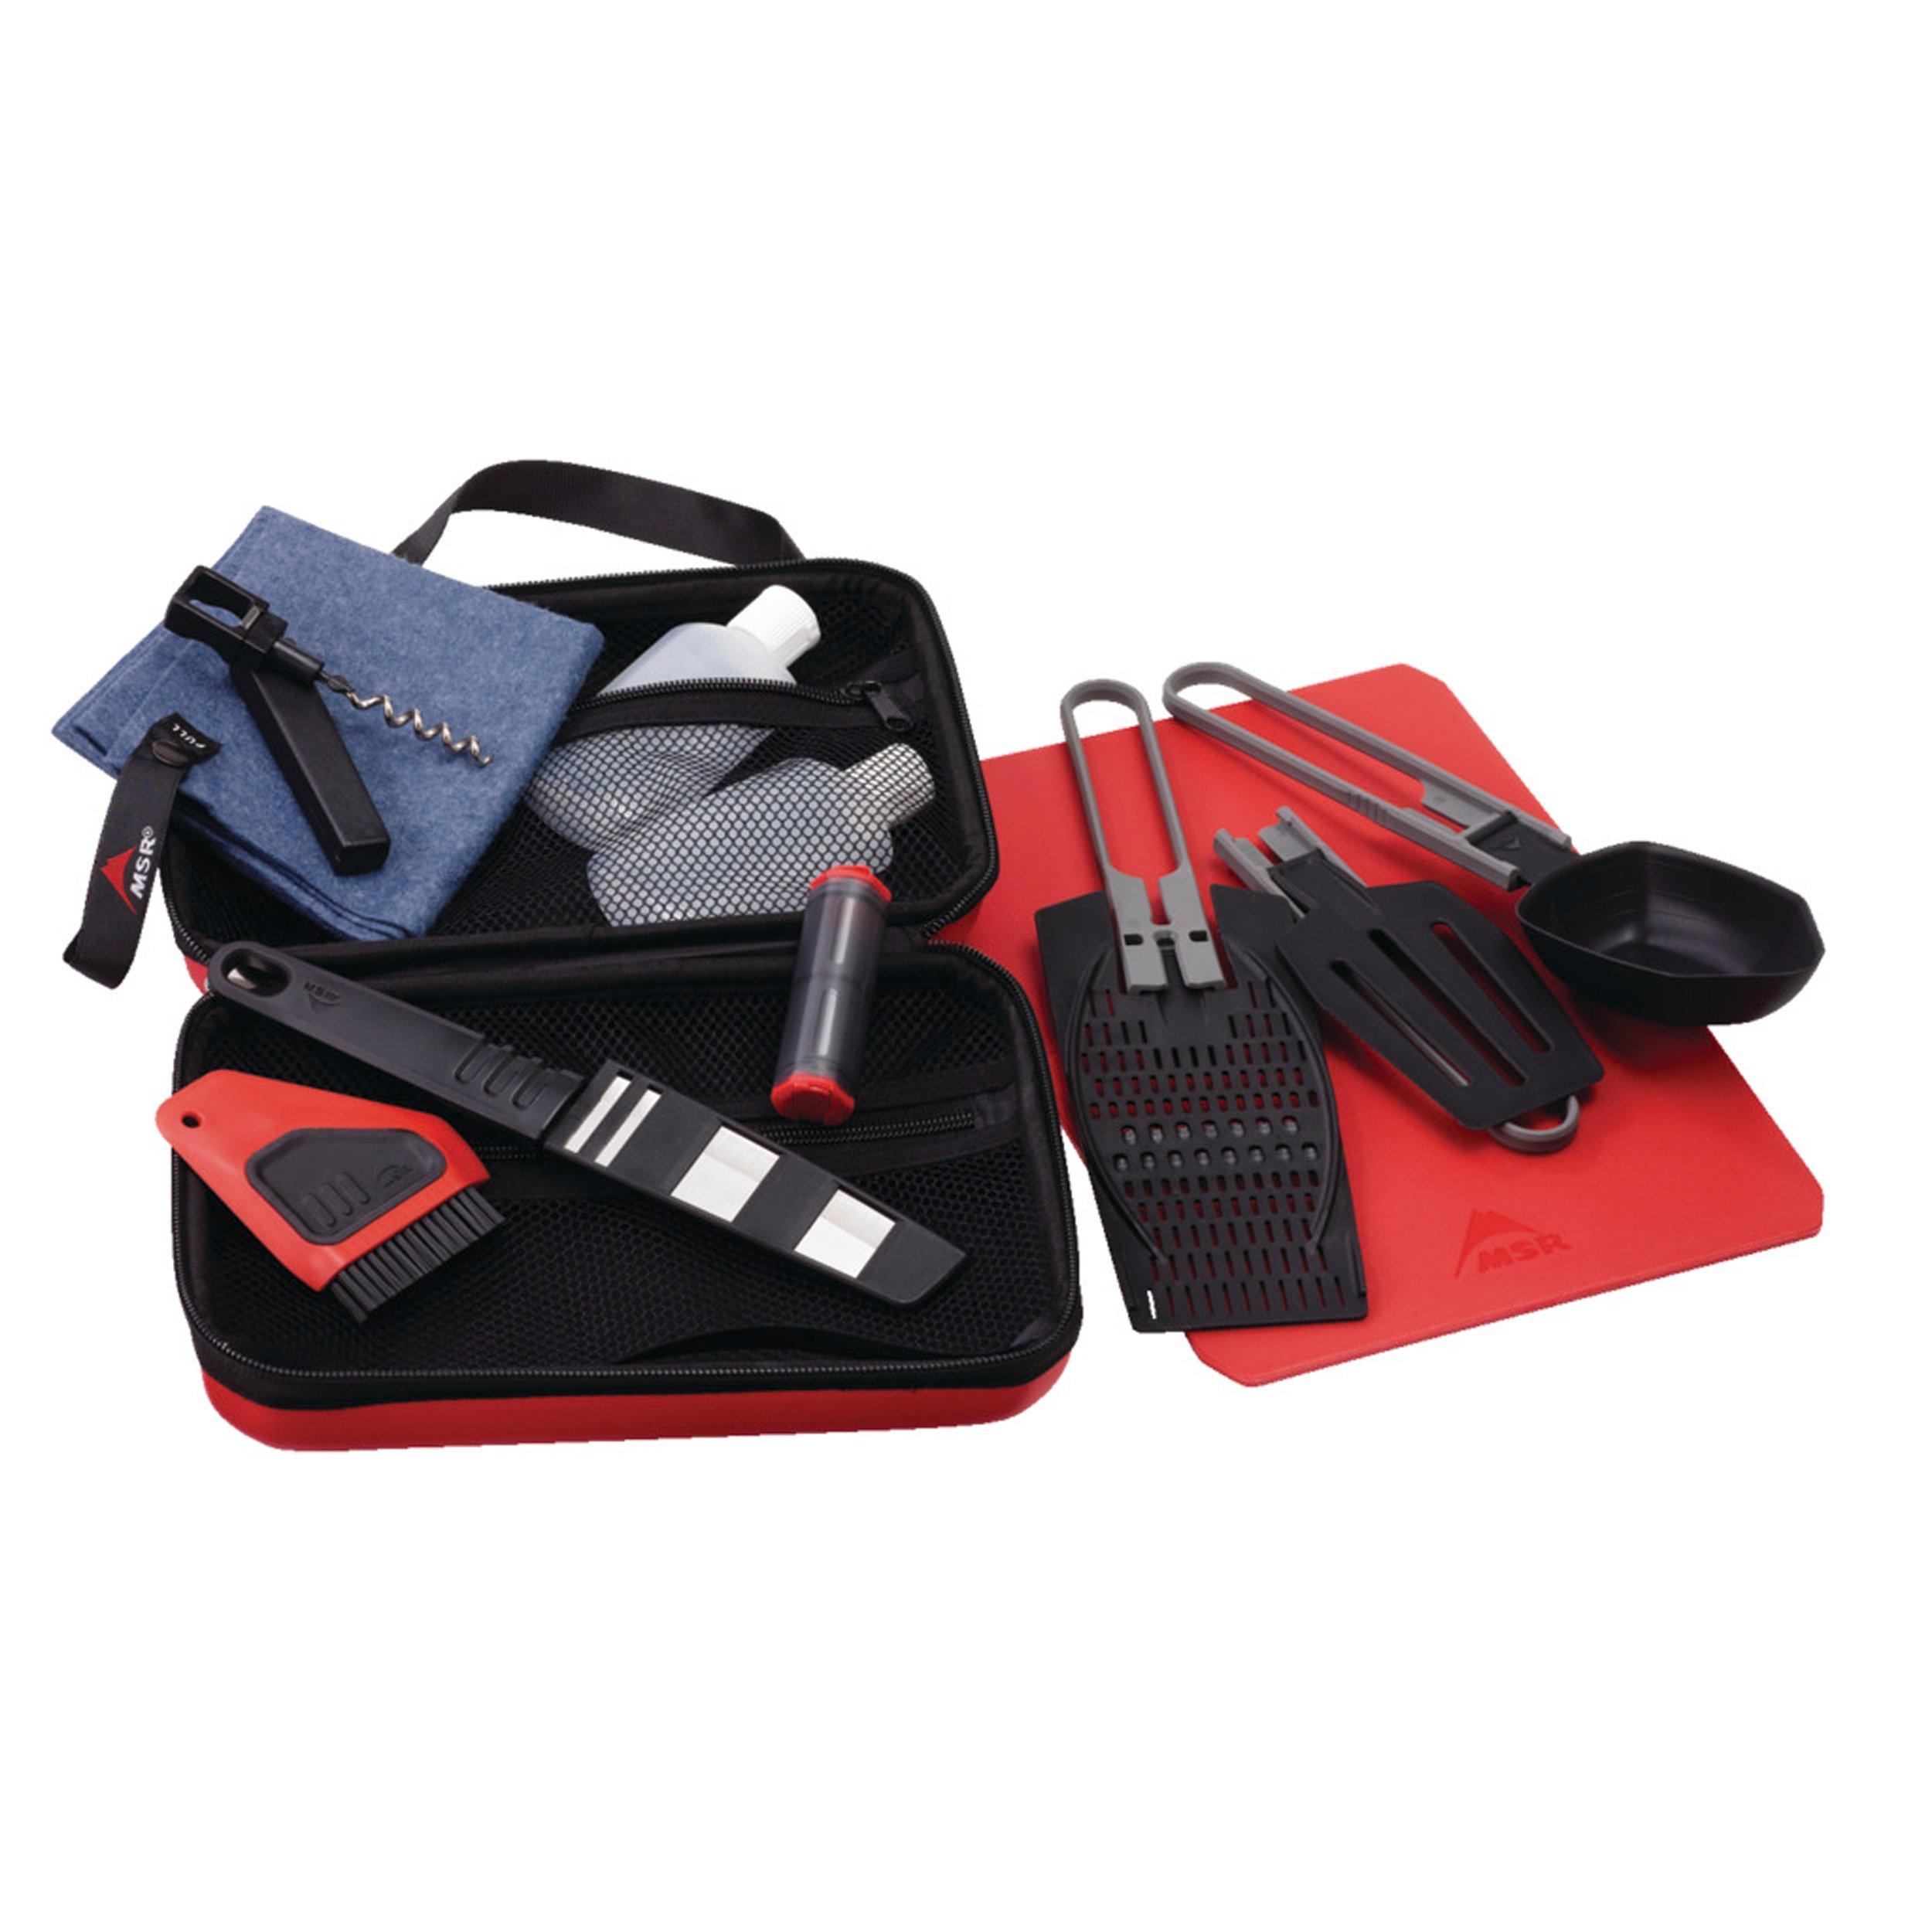 MSR Alpine Deluxe Kitchen Set , Red/Black